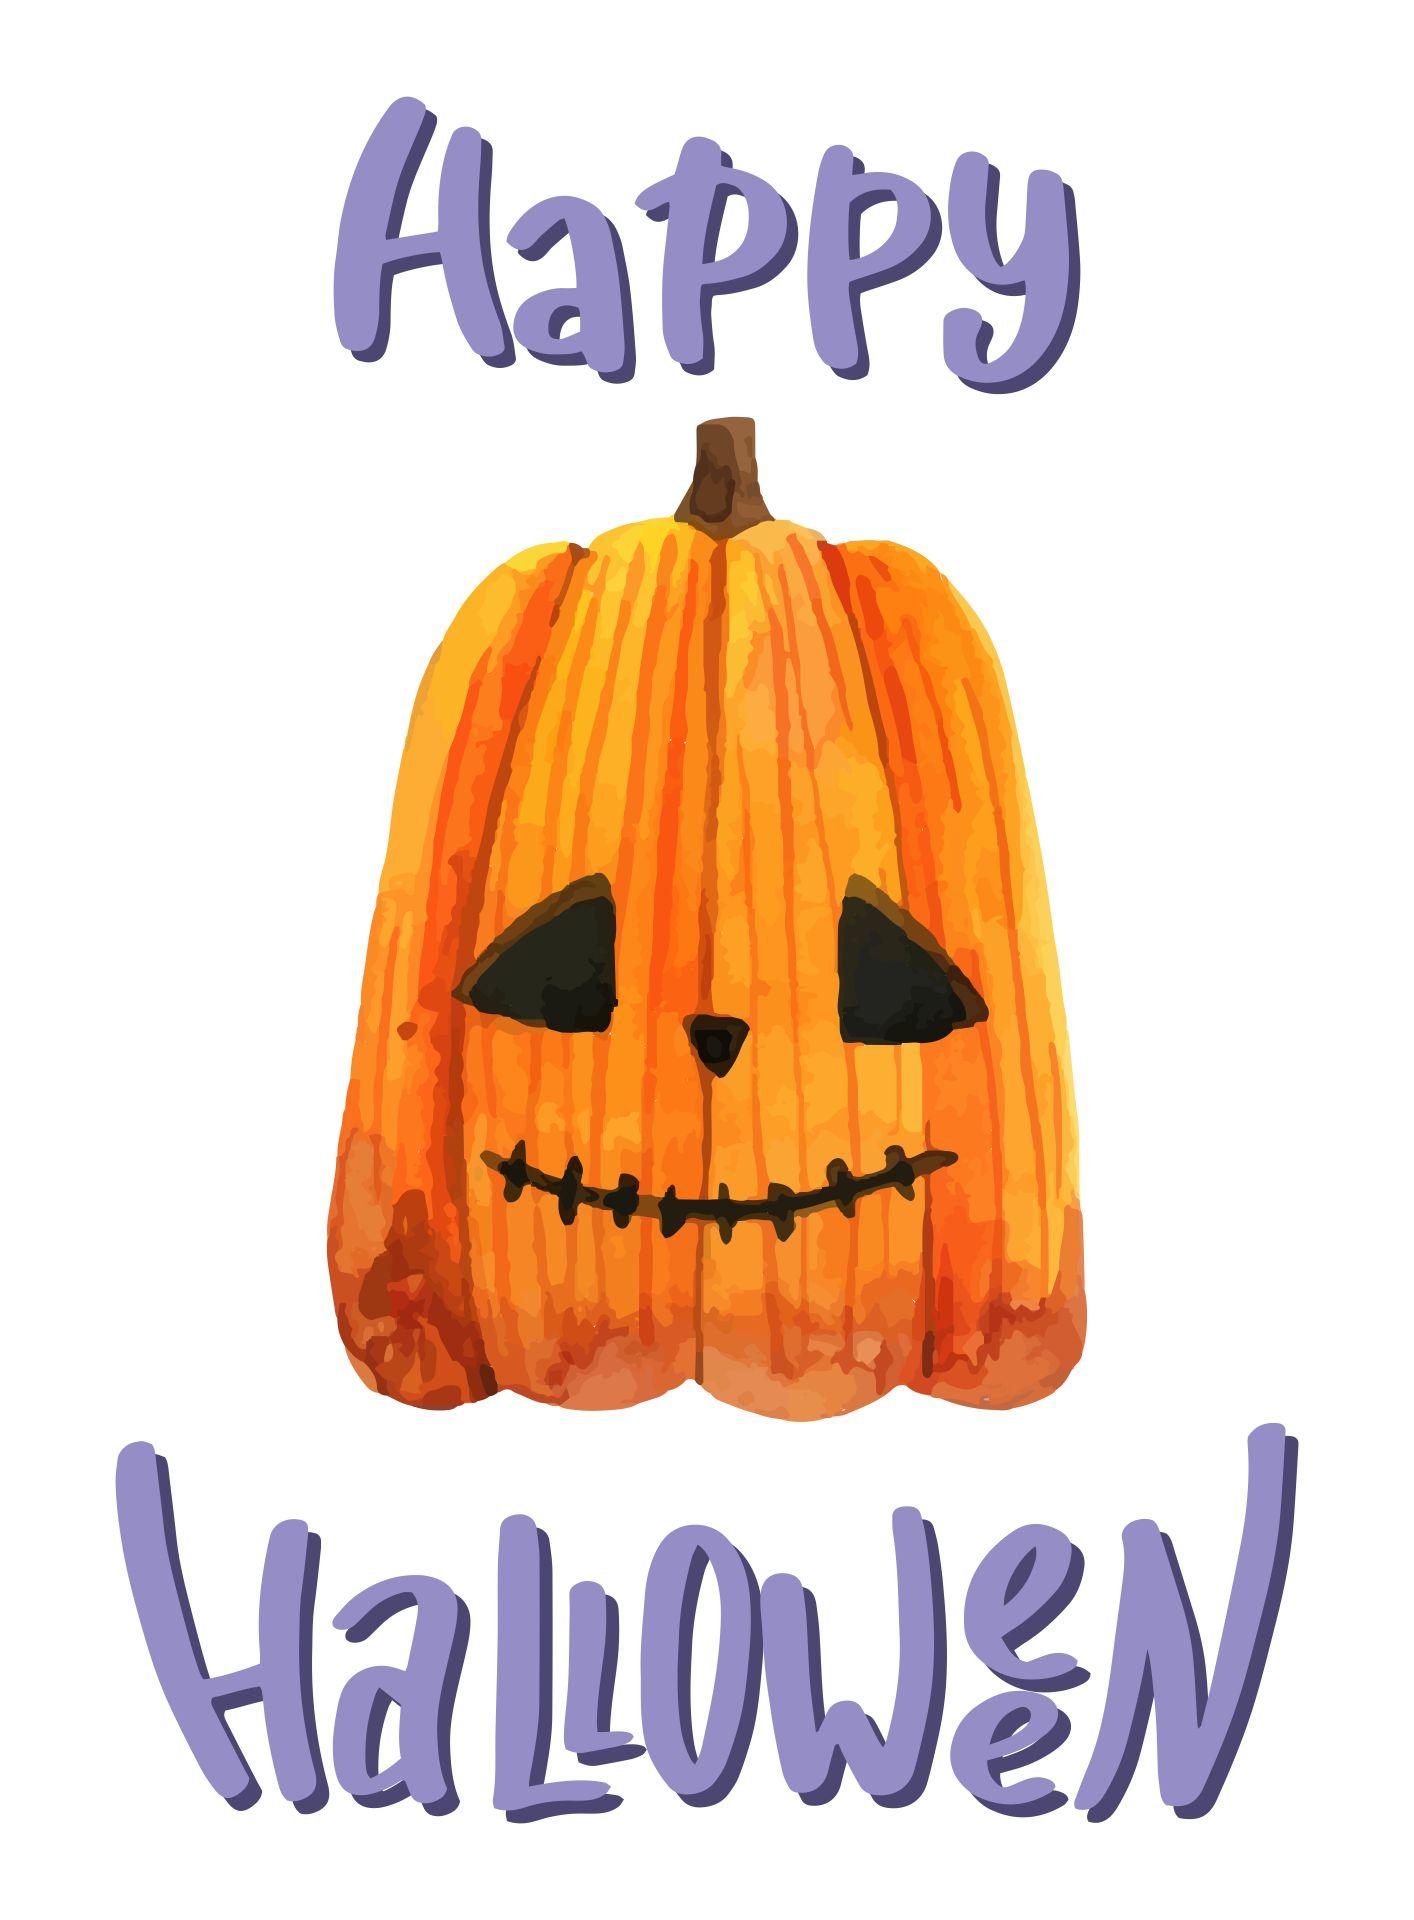 Halloween Download Free Vector Image